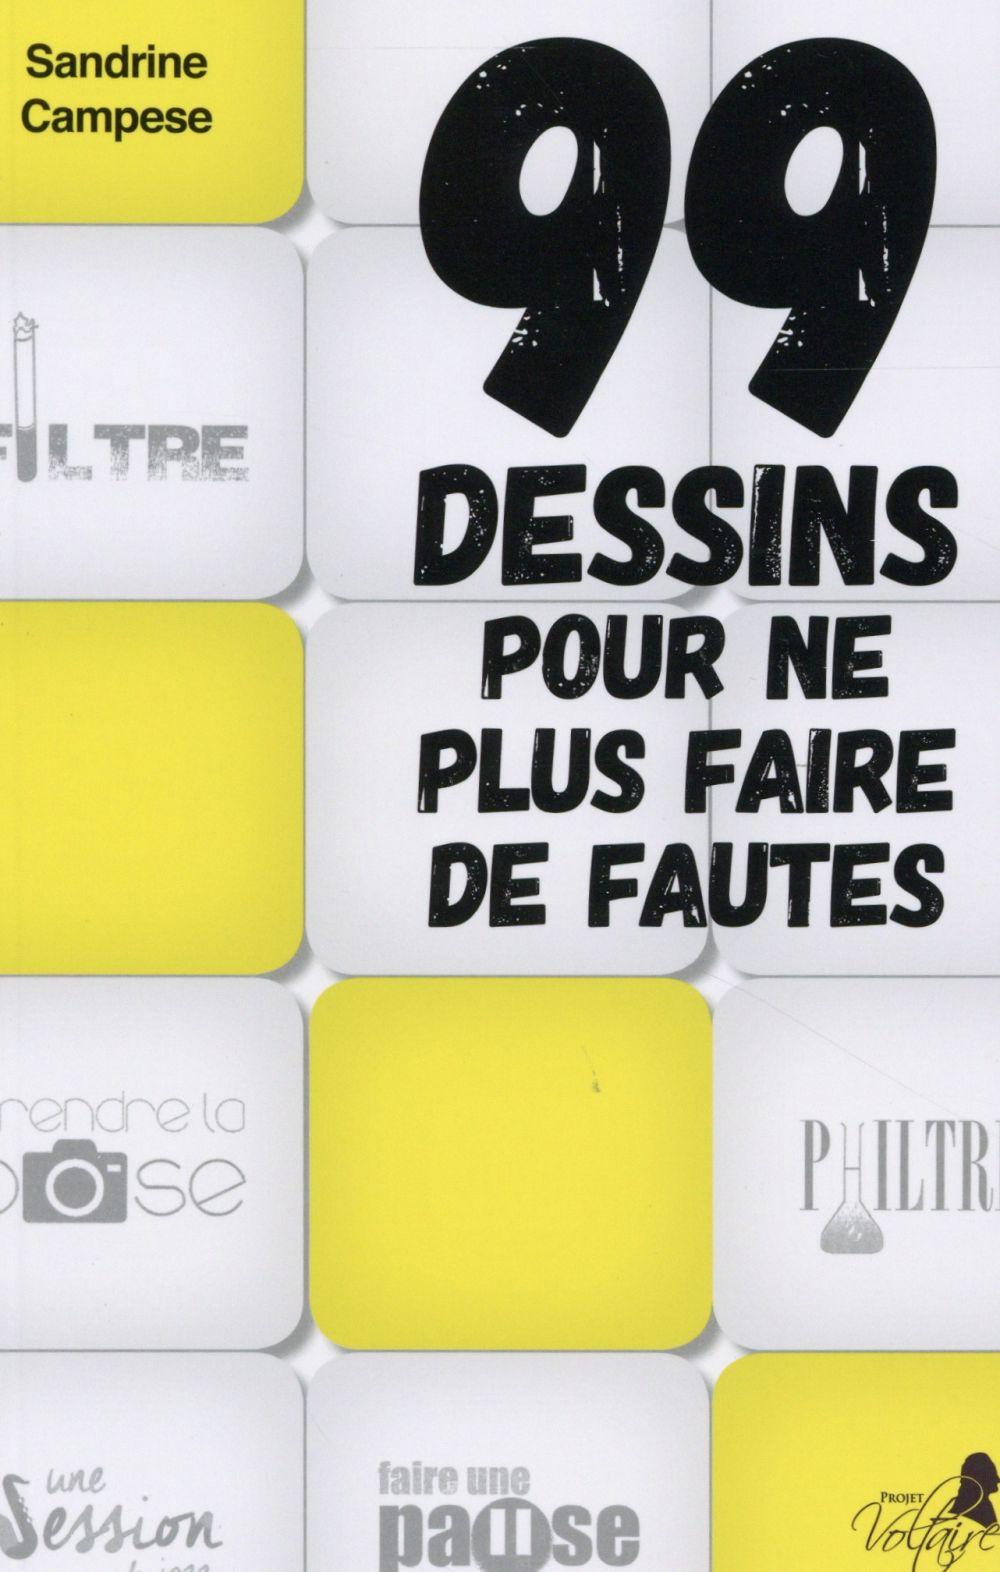 Campese Sandrine - 99 DESSINS POUR NE PLUS FAIRE DE FAUTES